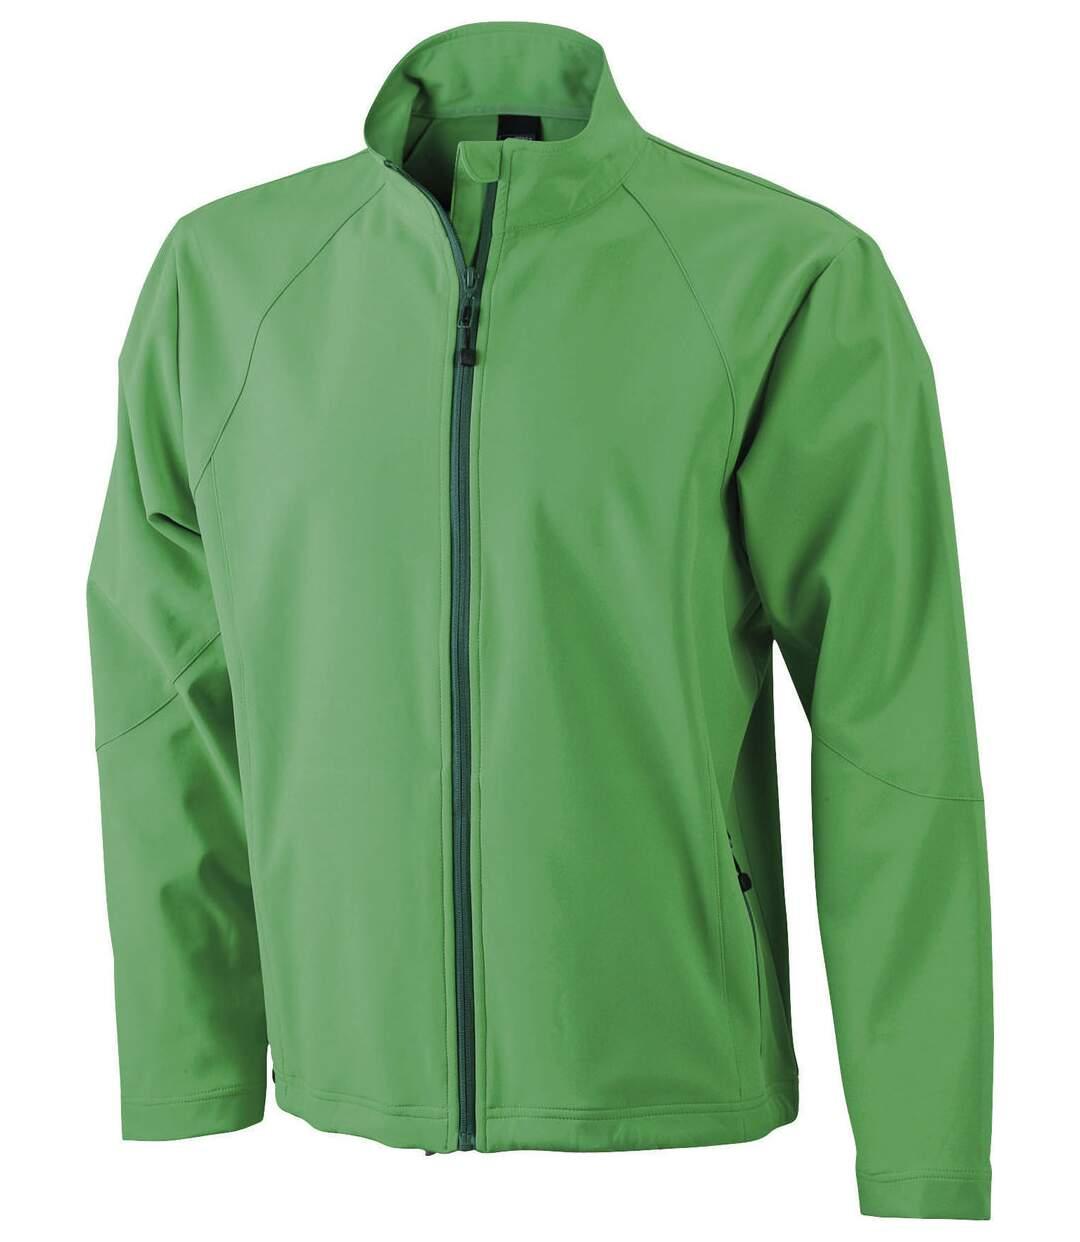 Veste softshell coupe-vent imperméable homme JN1020 - vert